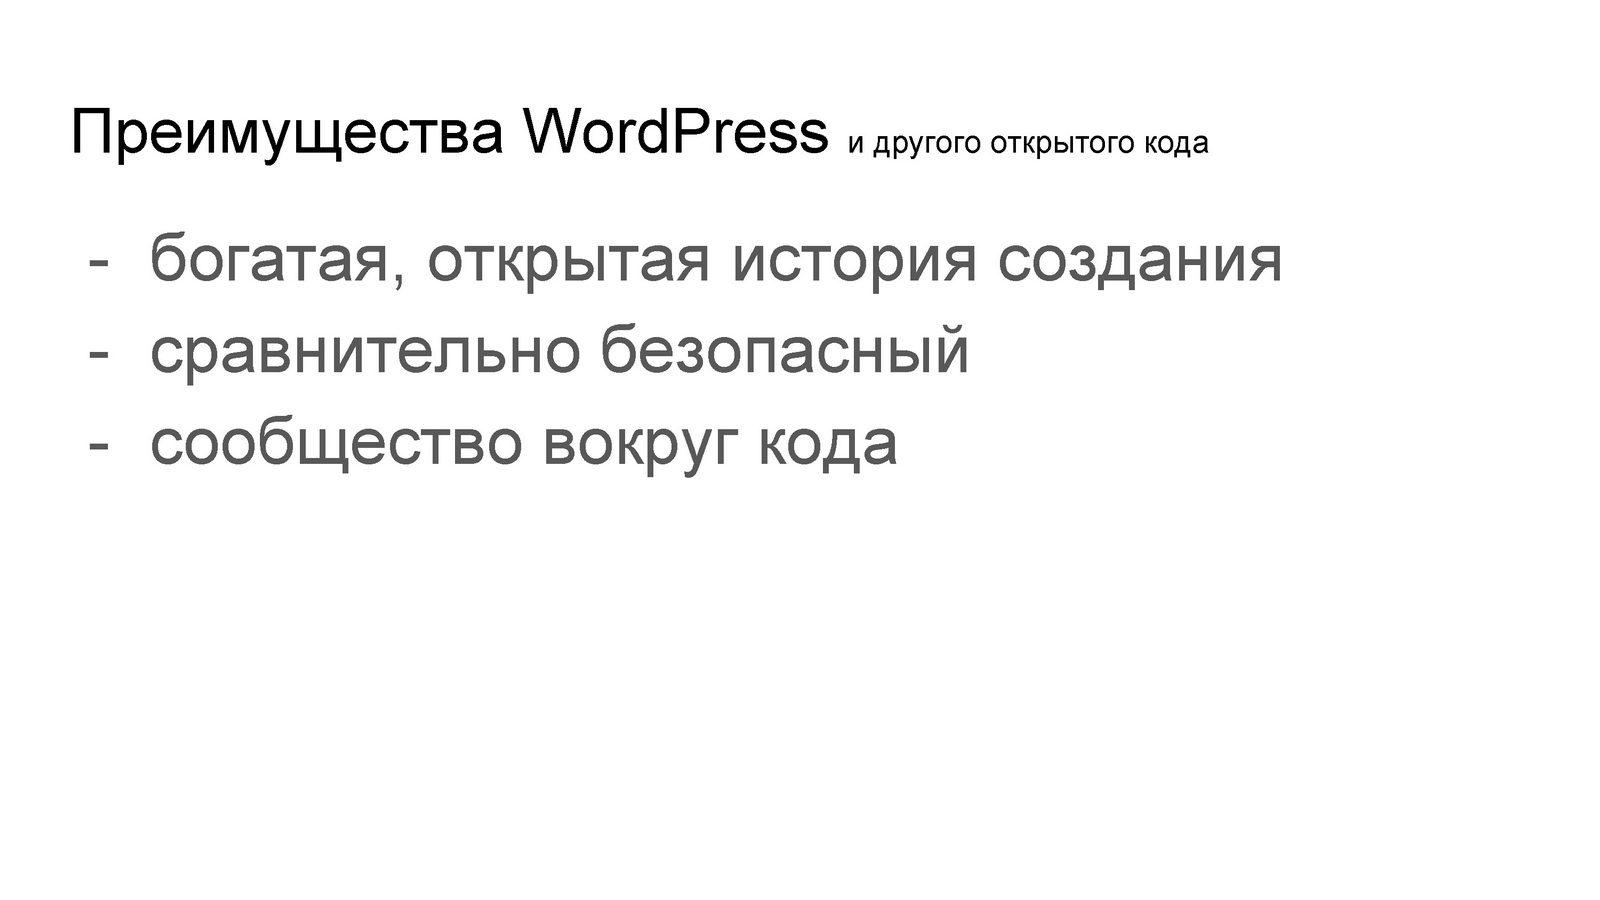 Чистый код или WordPress — Геннадий Ковшенин_Page_32